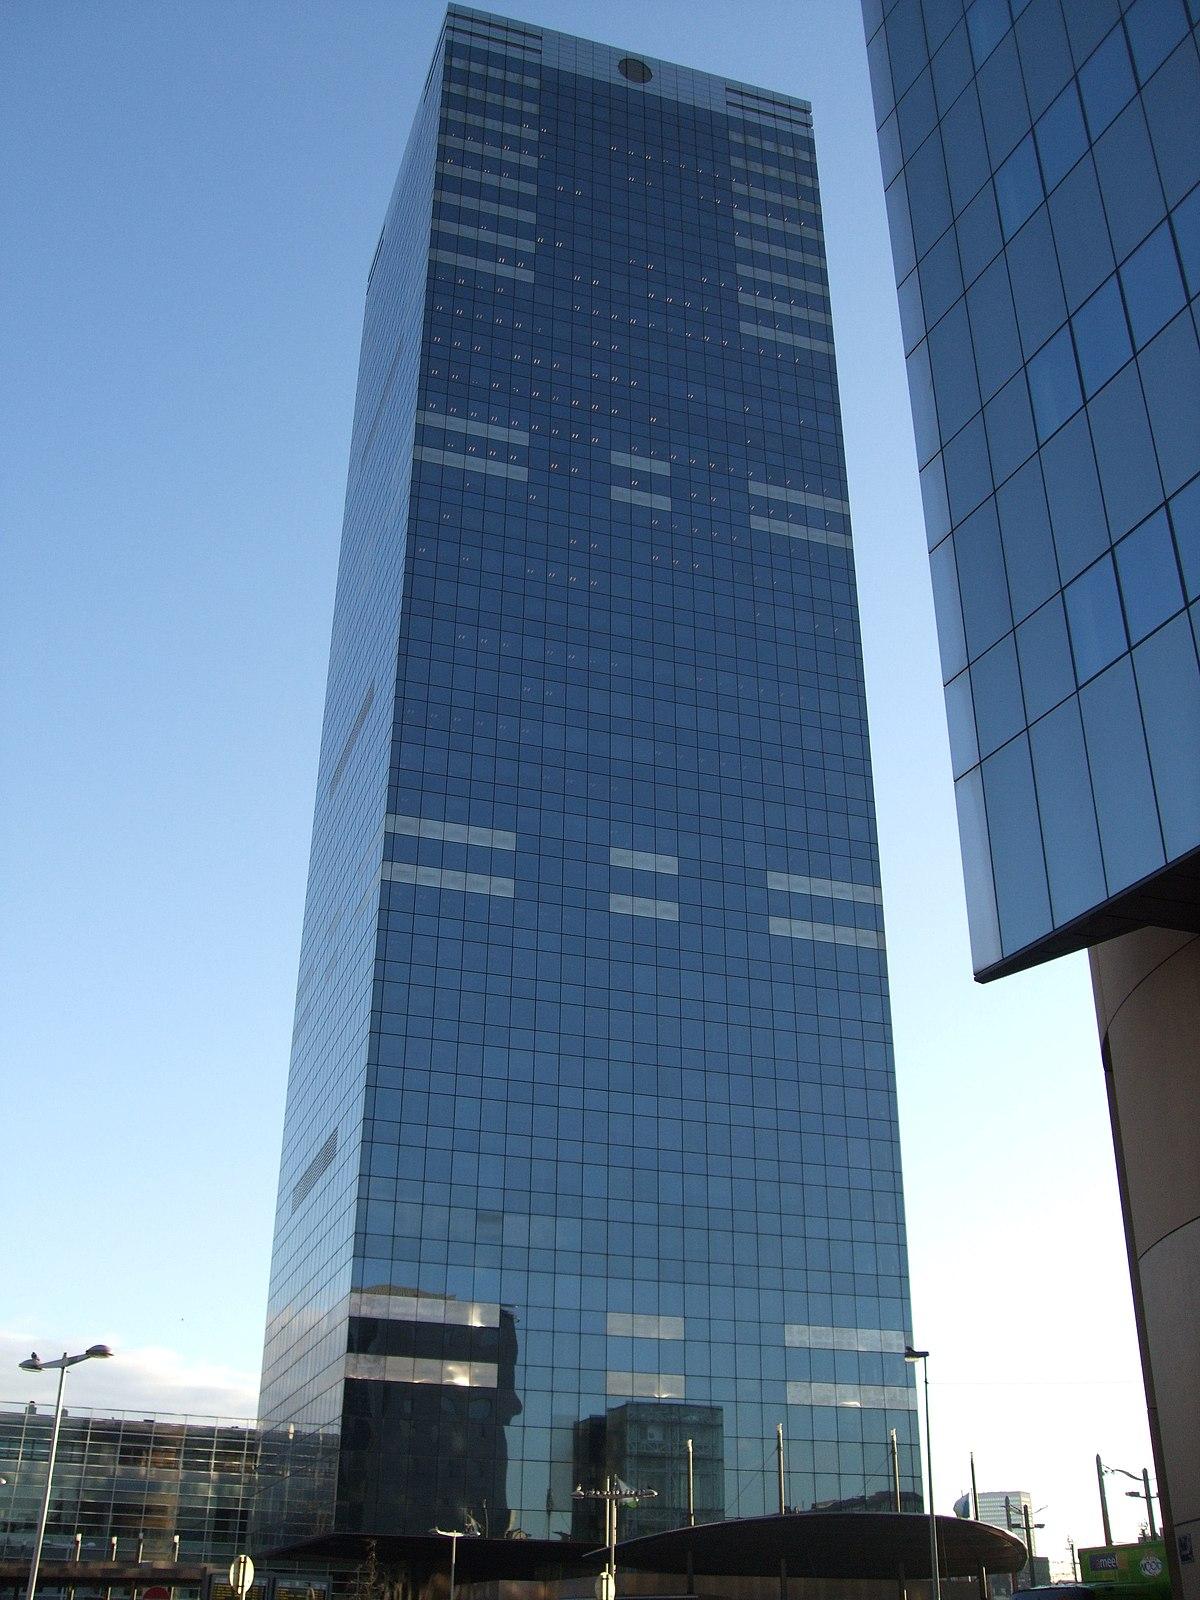 el hotel mas alto de europa